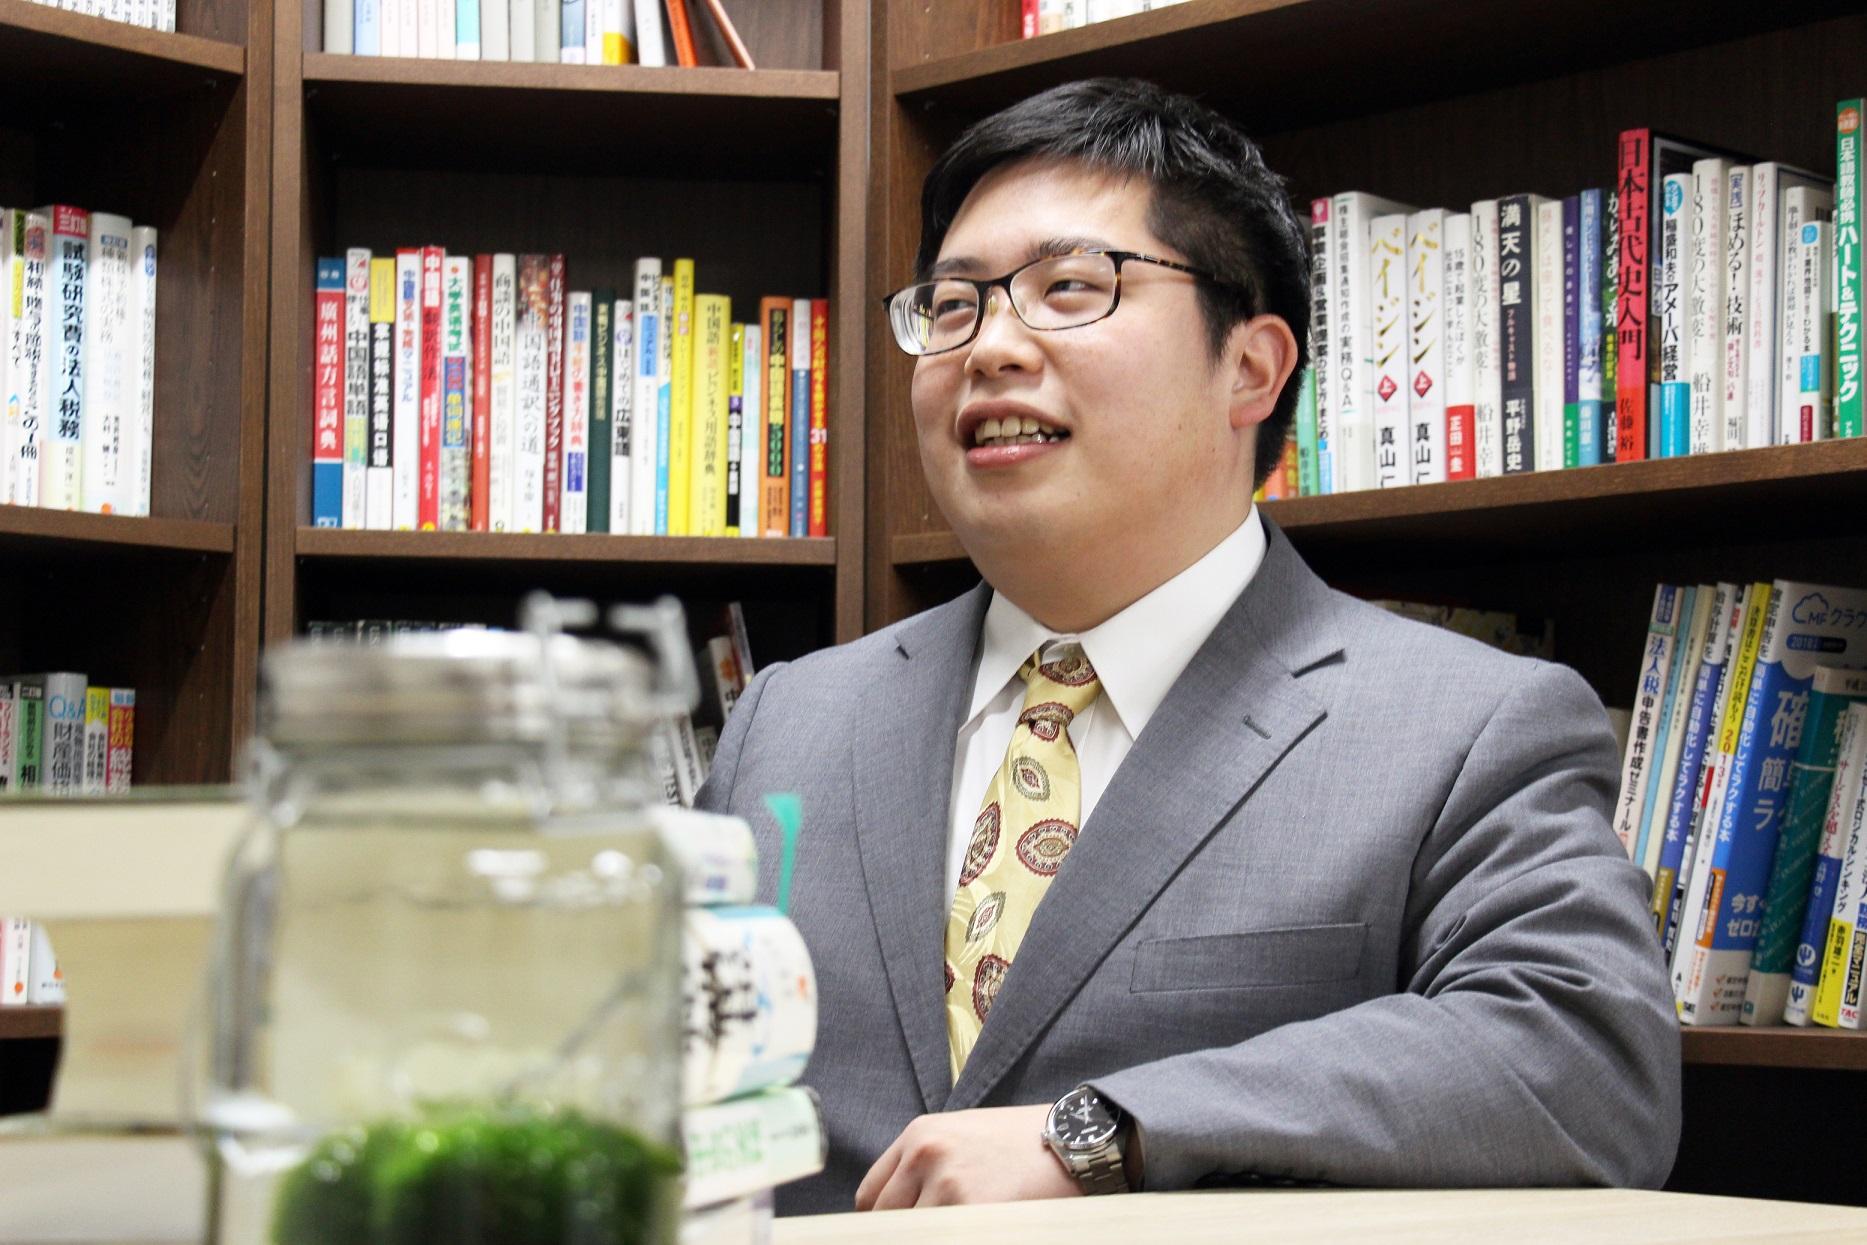 インタビュー:会計税務部SS宮坂・会社の成長の一端を担えることが一番のやりがい